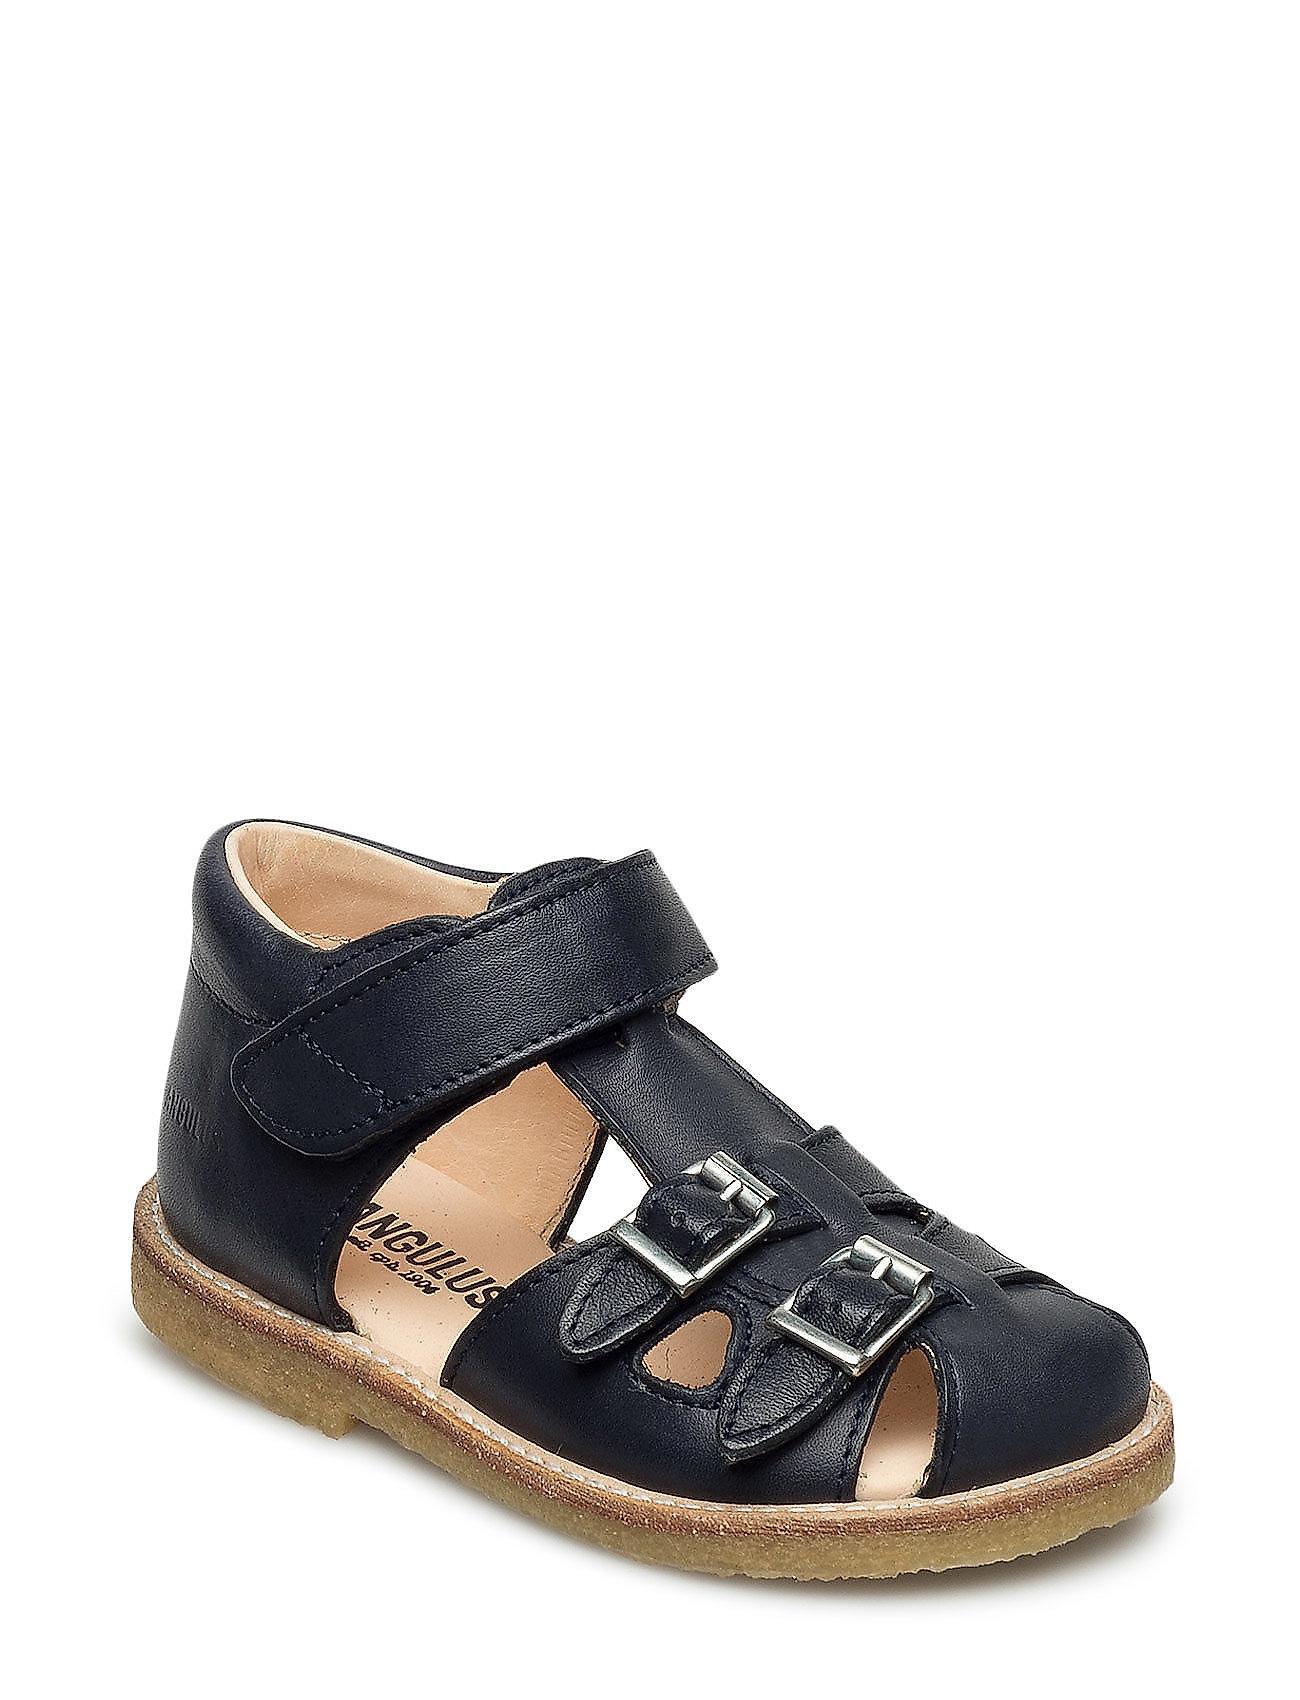 Sandals - Flat ANGULUS Sandaler til Børn i